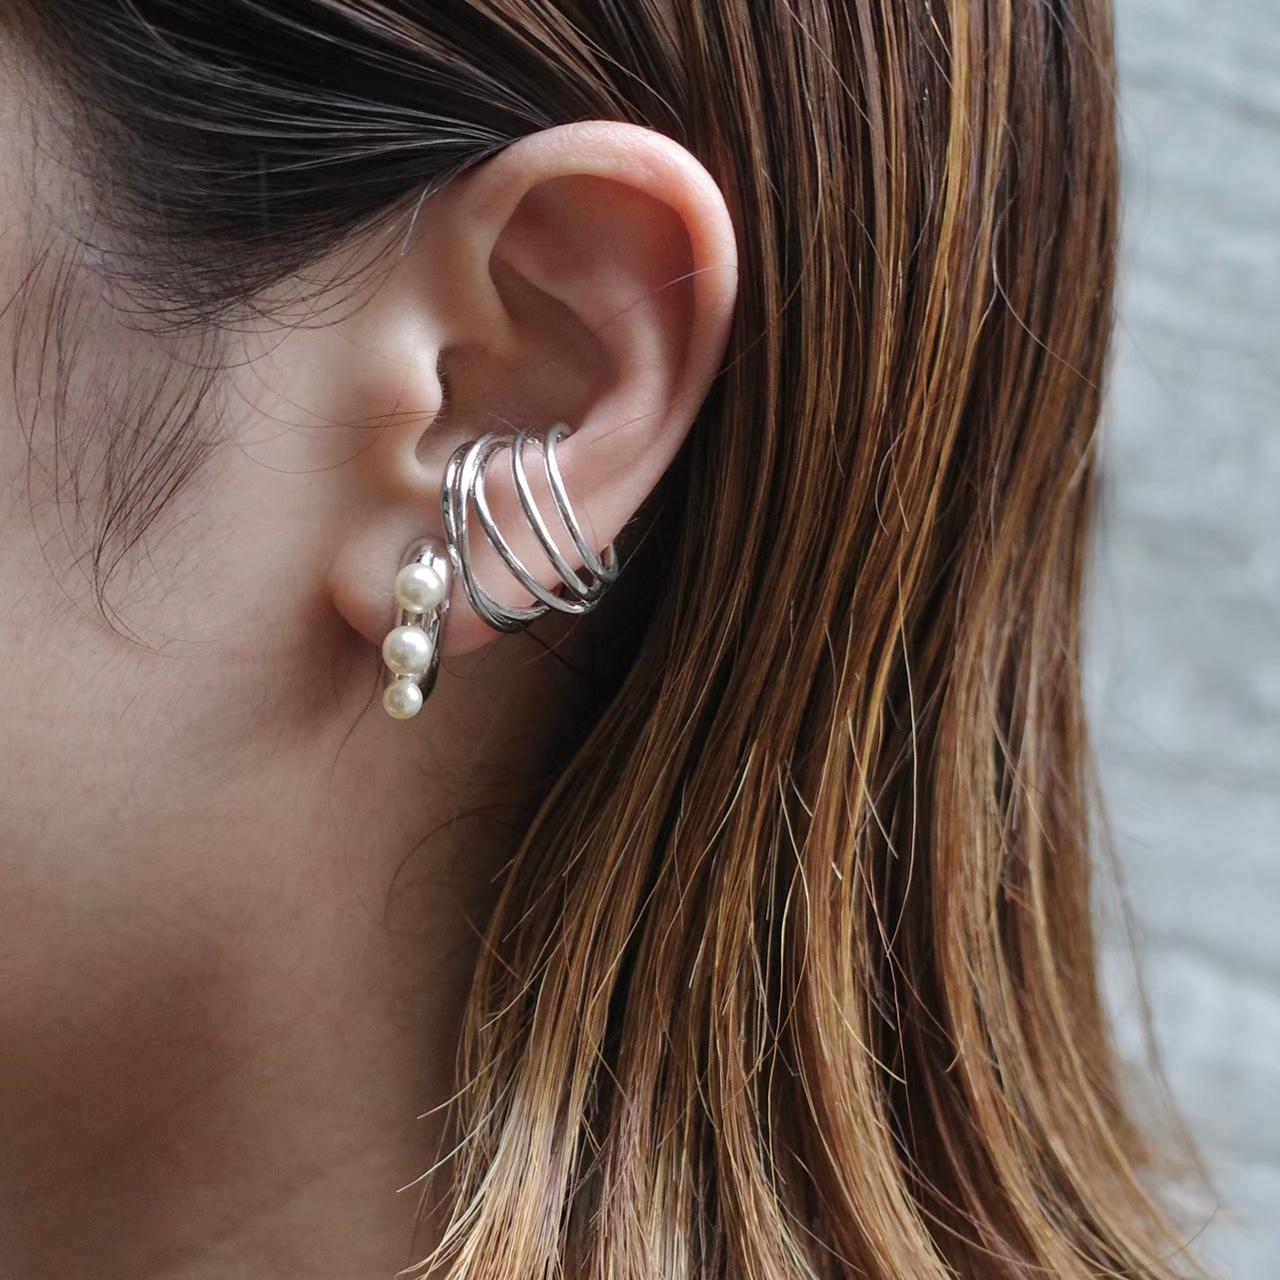 pearl macaroni earring/pierce